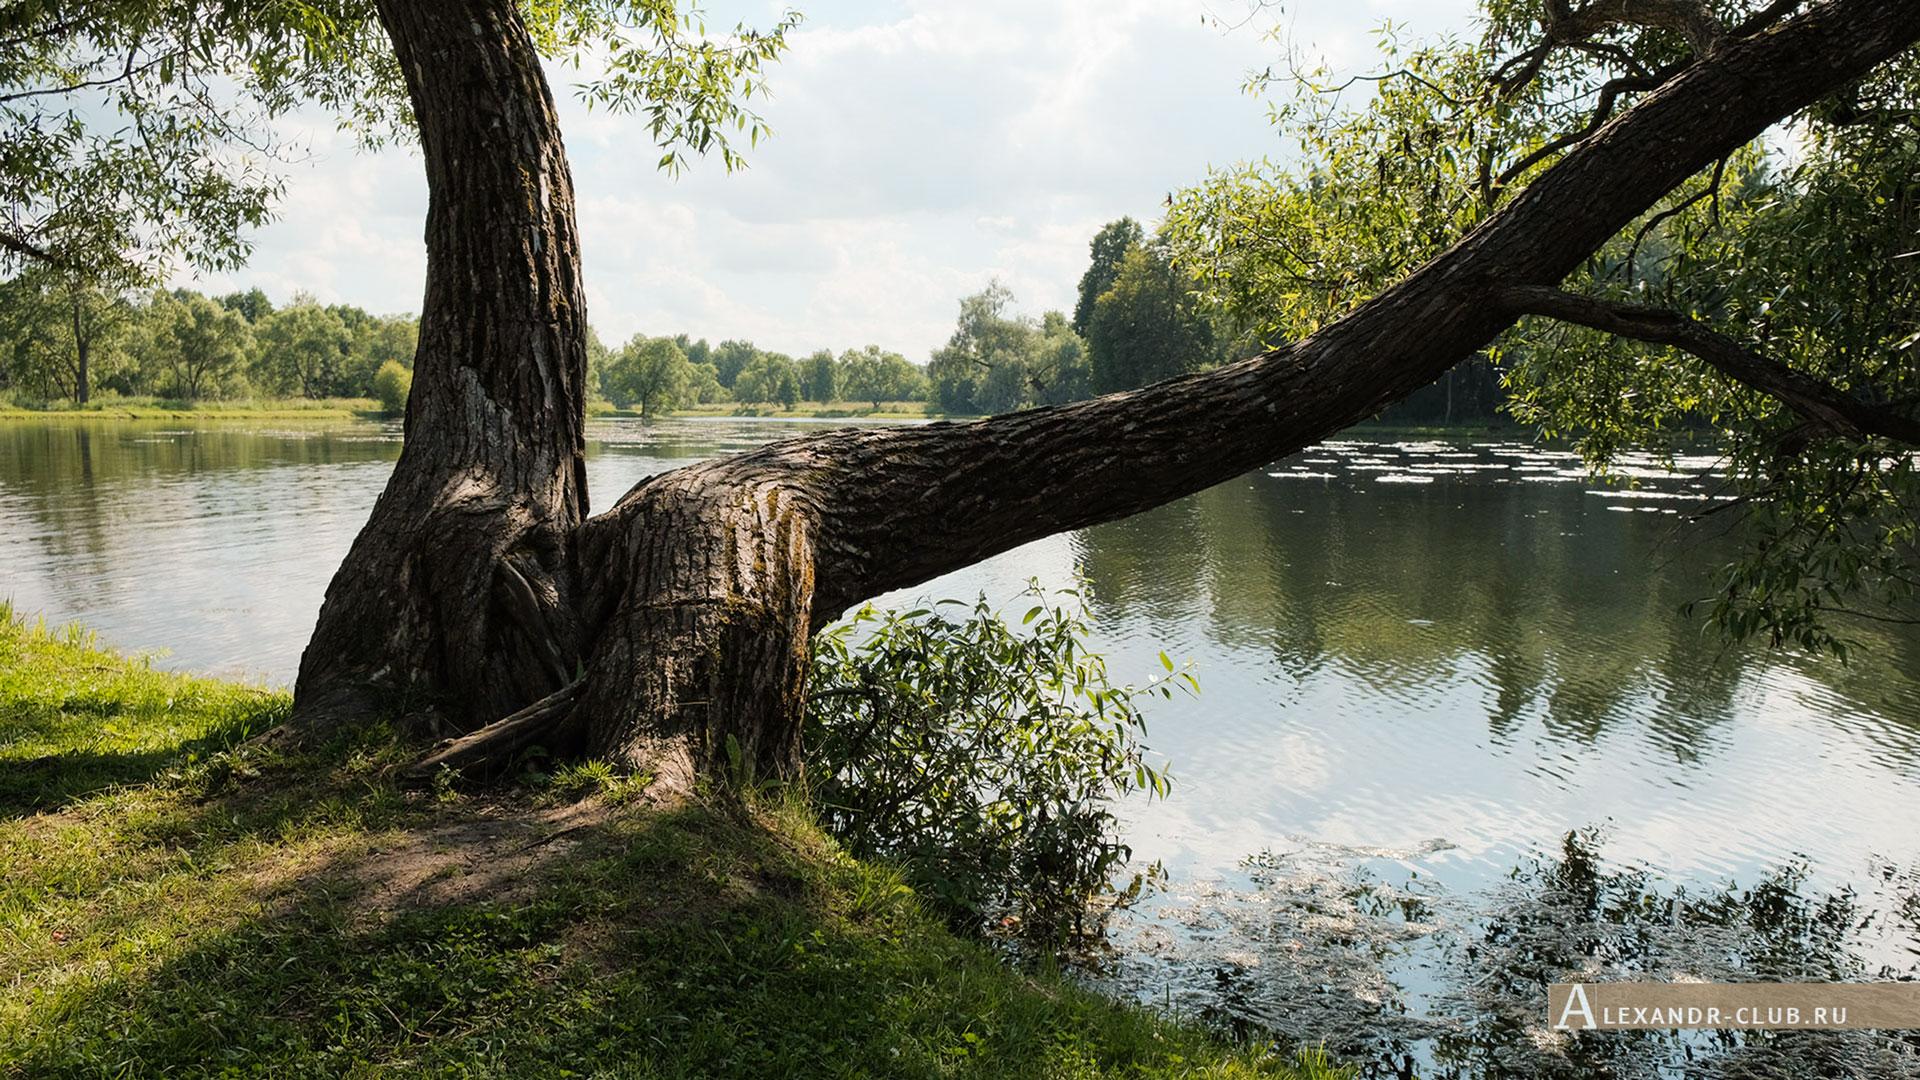 Петергоф, Луговой парк, лето, Никольский пруд